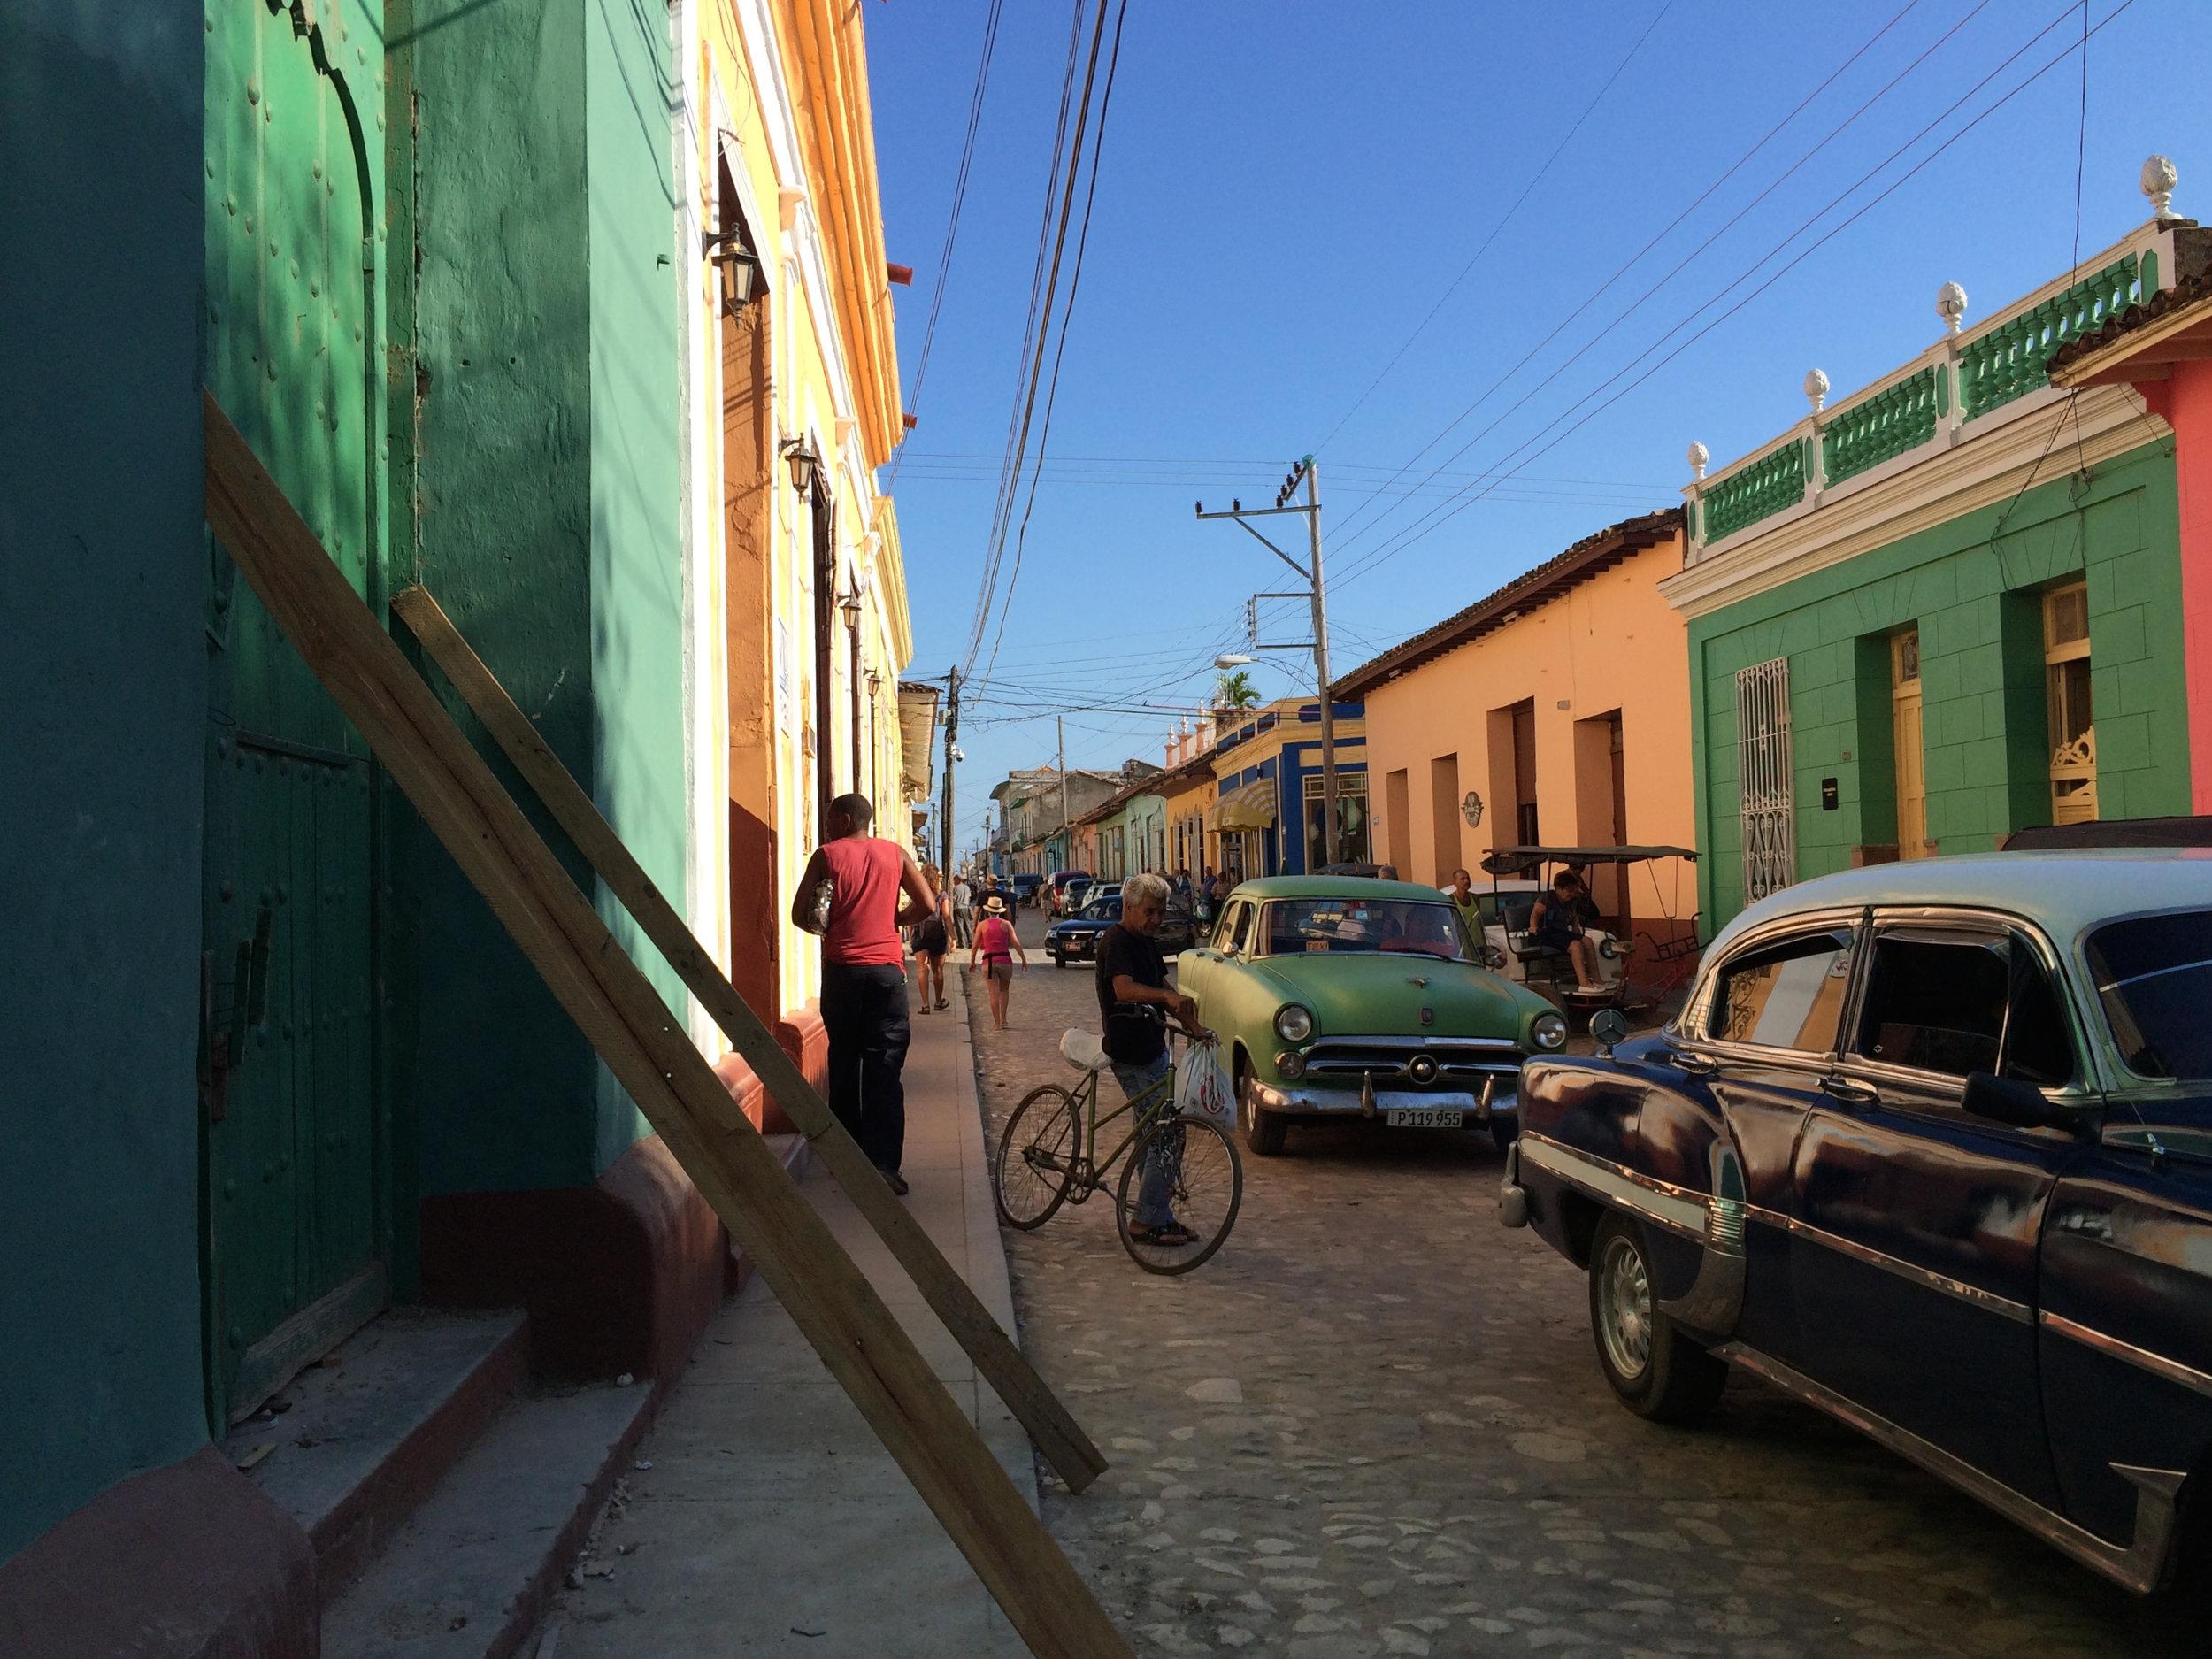 Trinidad, Cuba (2014)